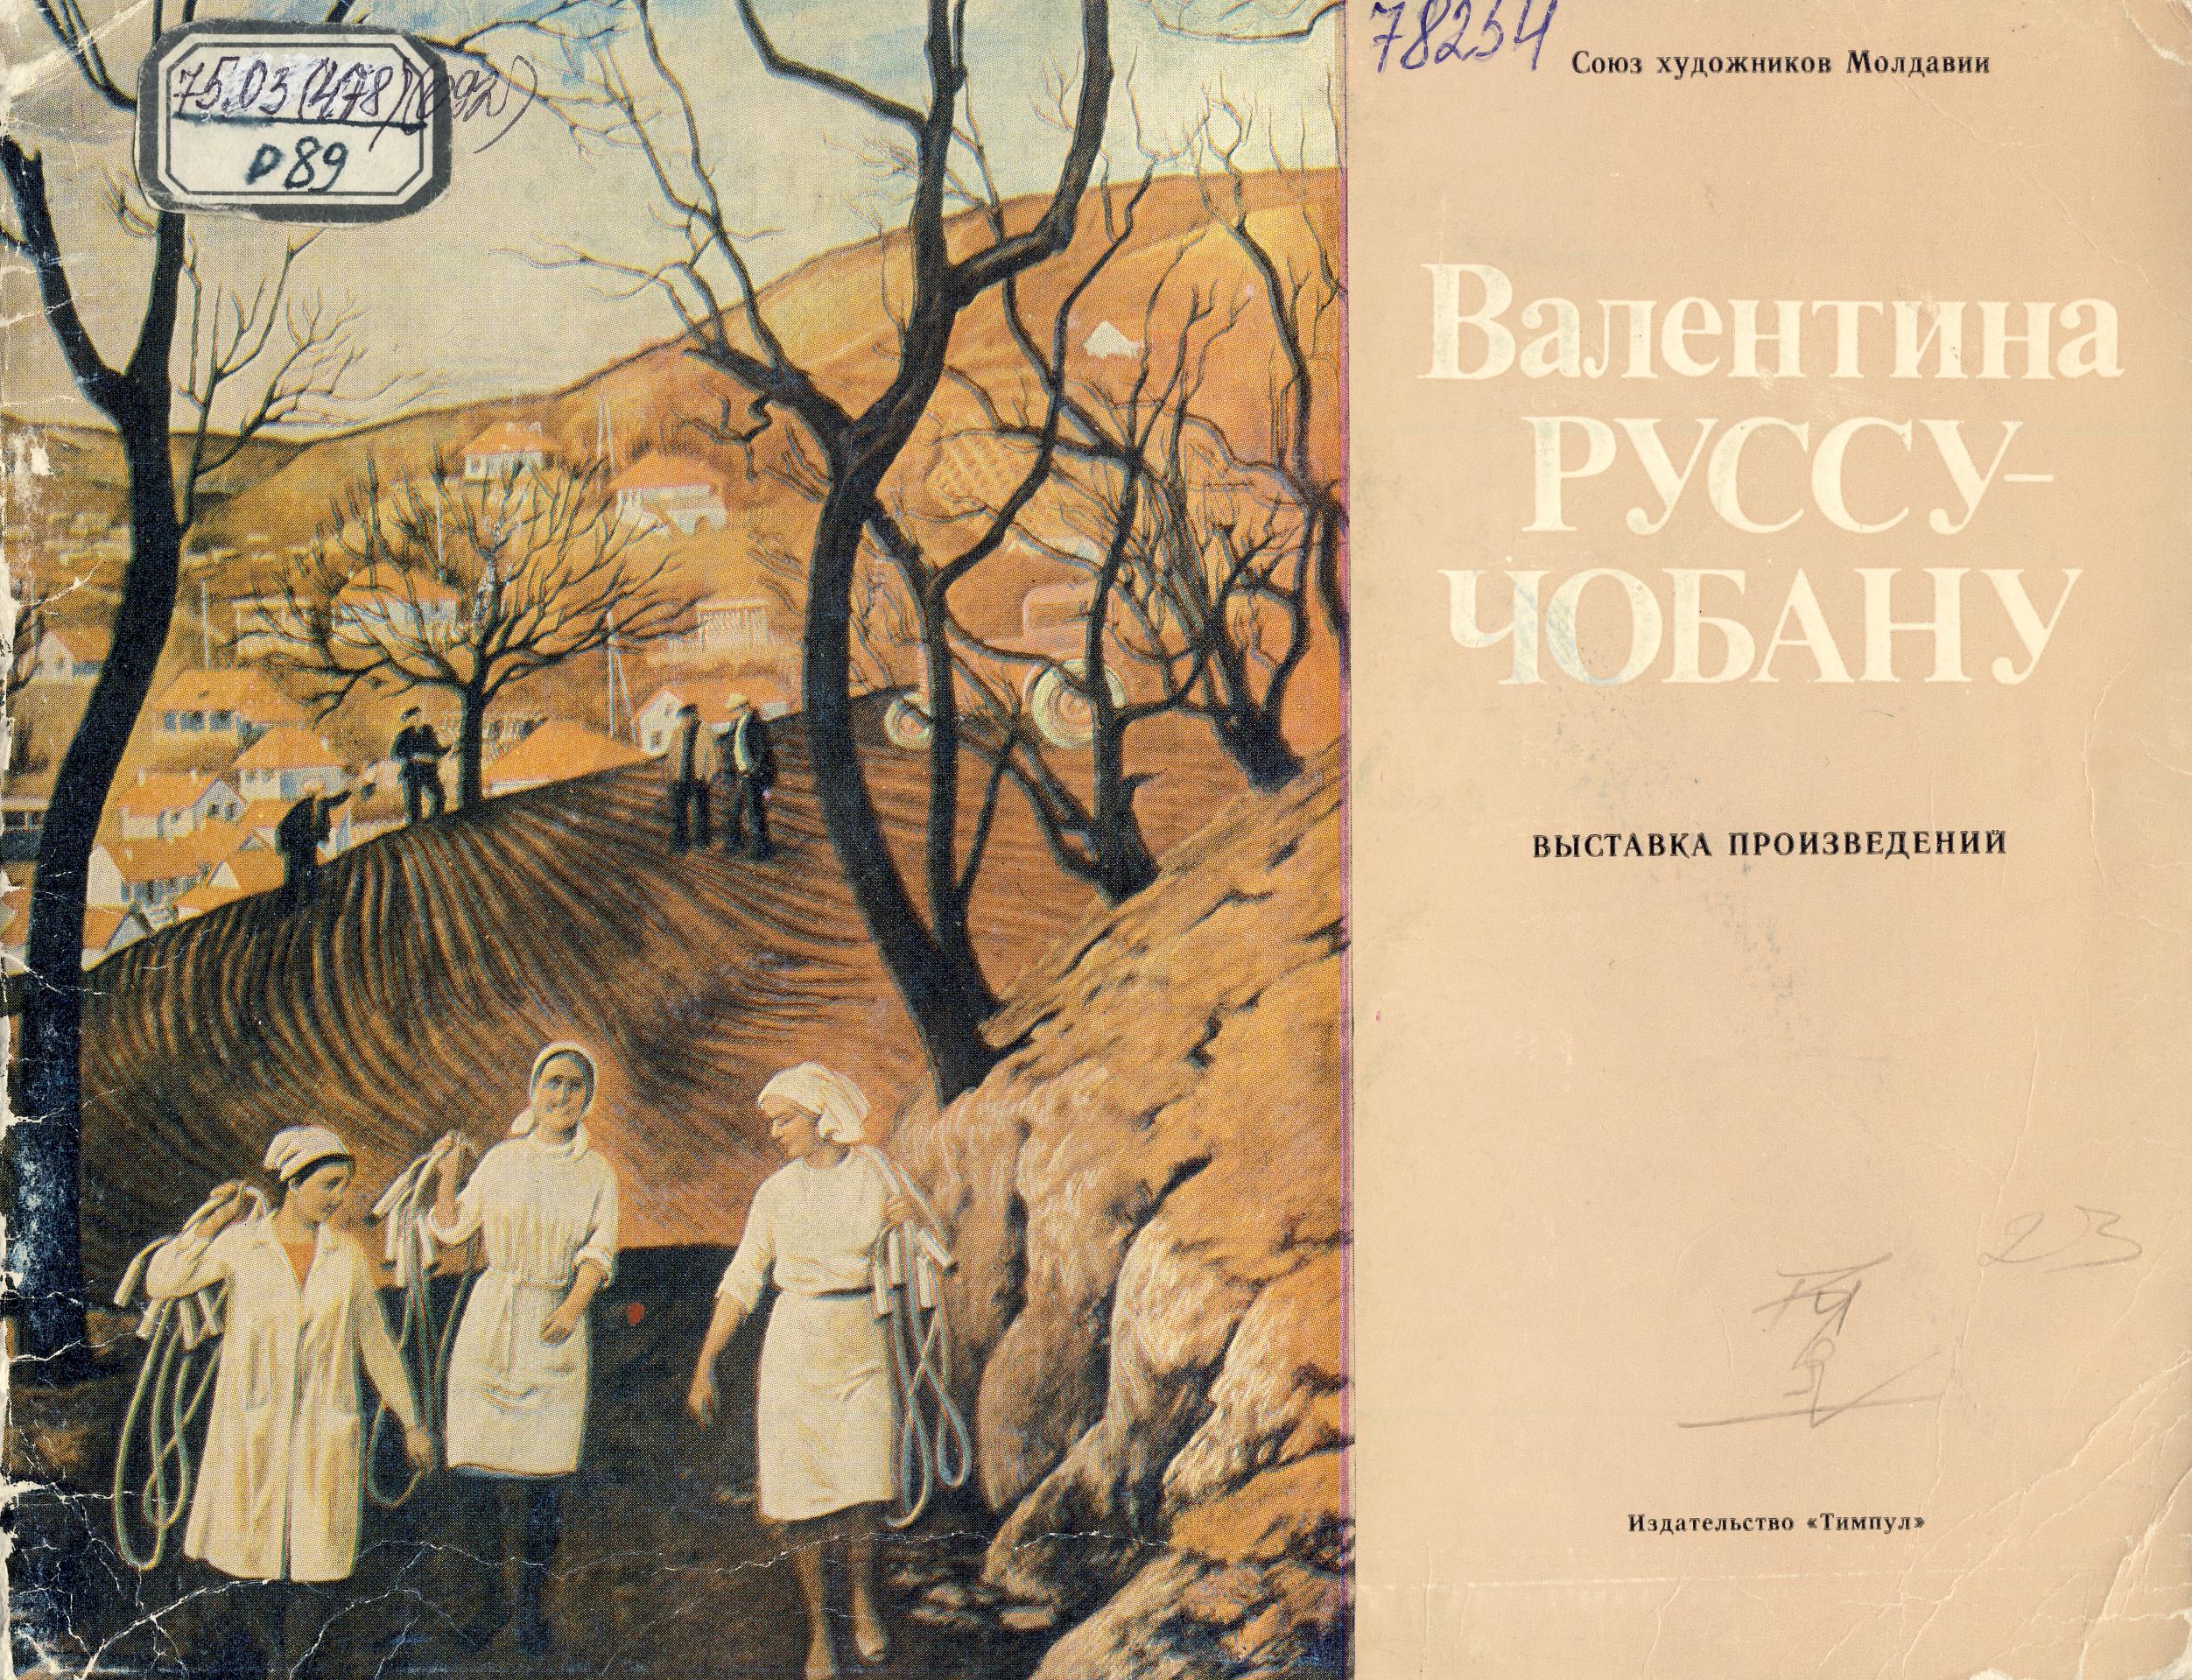 Valentina Rusu-Ciobanu